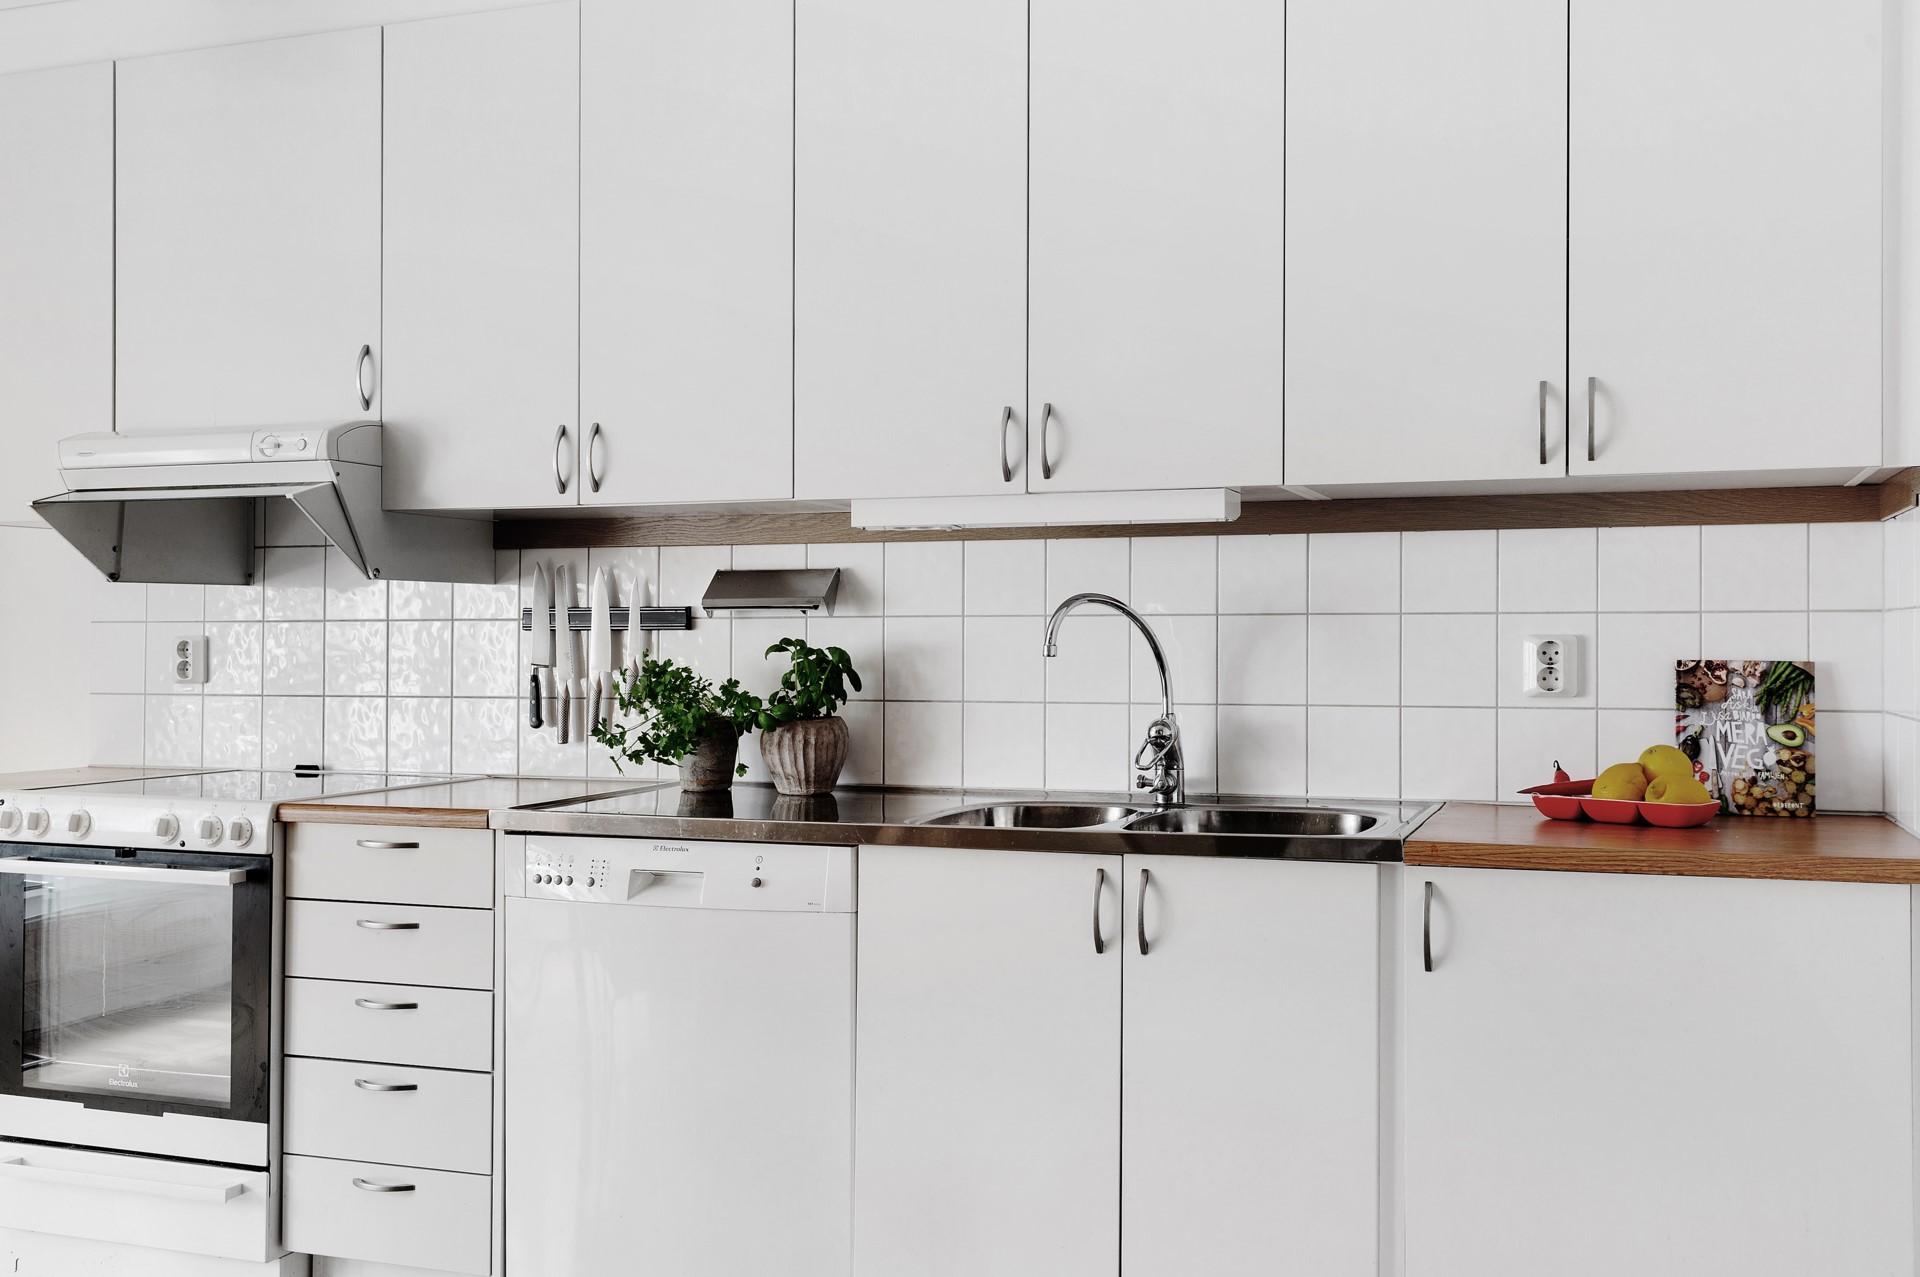 Fatburs Brunnsgata 31 - Praktiskt kök med generös förvaring